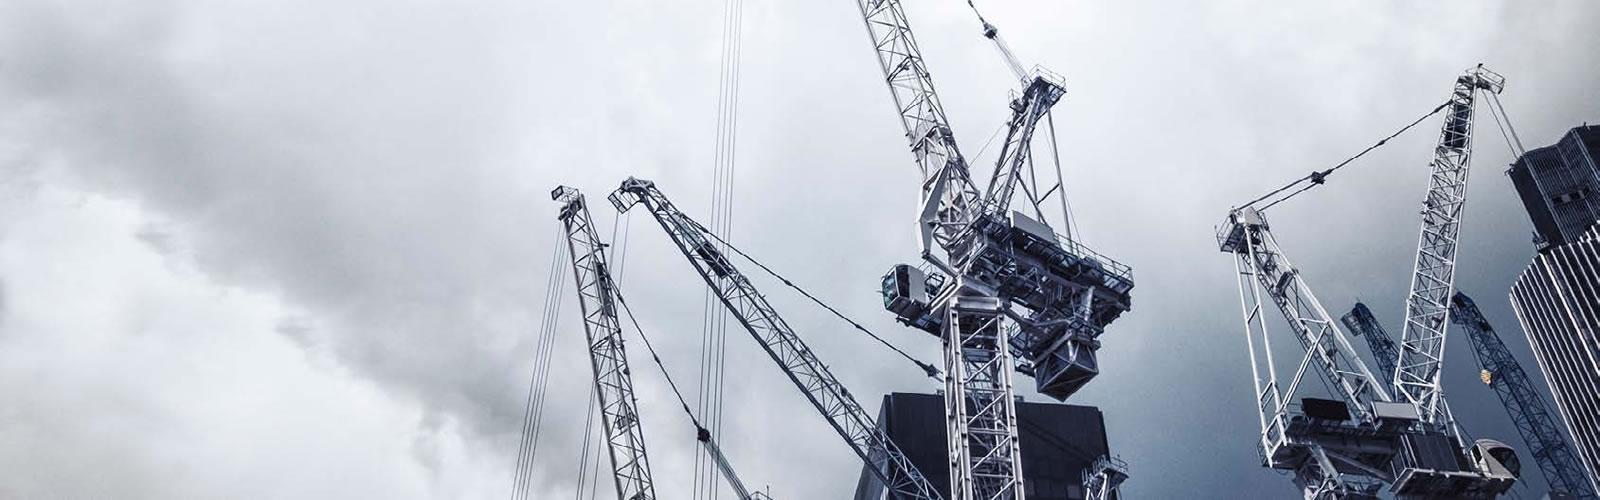 MSAFE - Construction Design Management